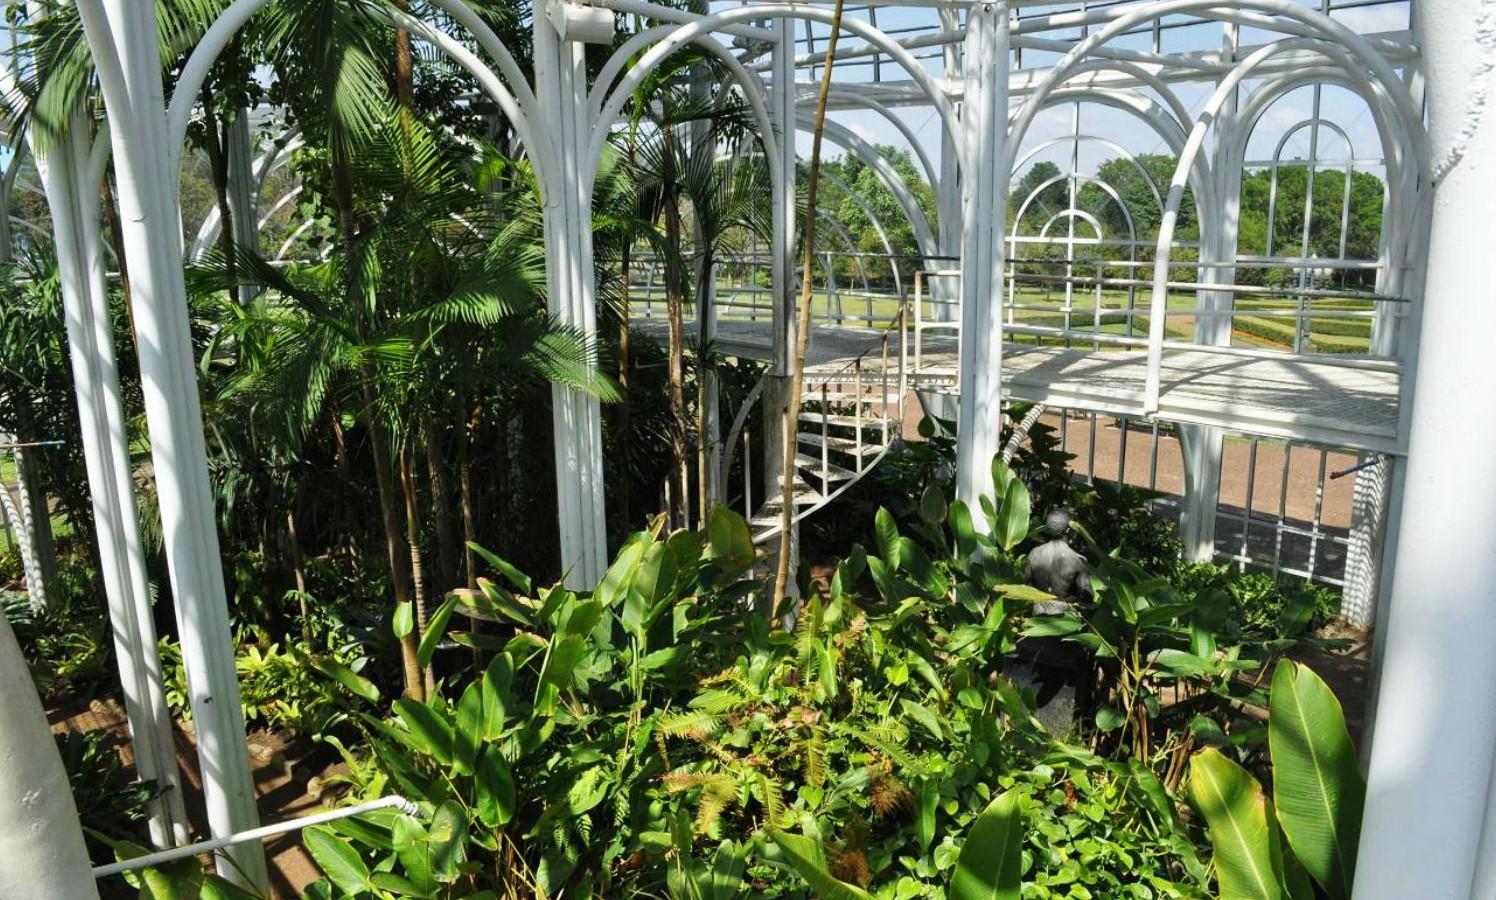 De 10 mooiste greenhouses ter wereld - De Botanische Tuin van Curitiba in Brazilië